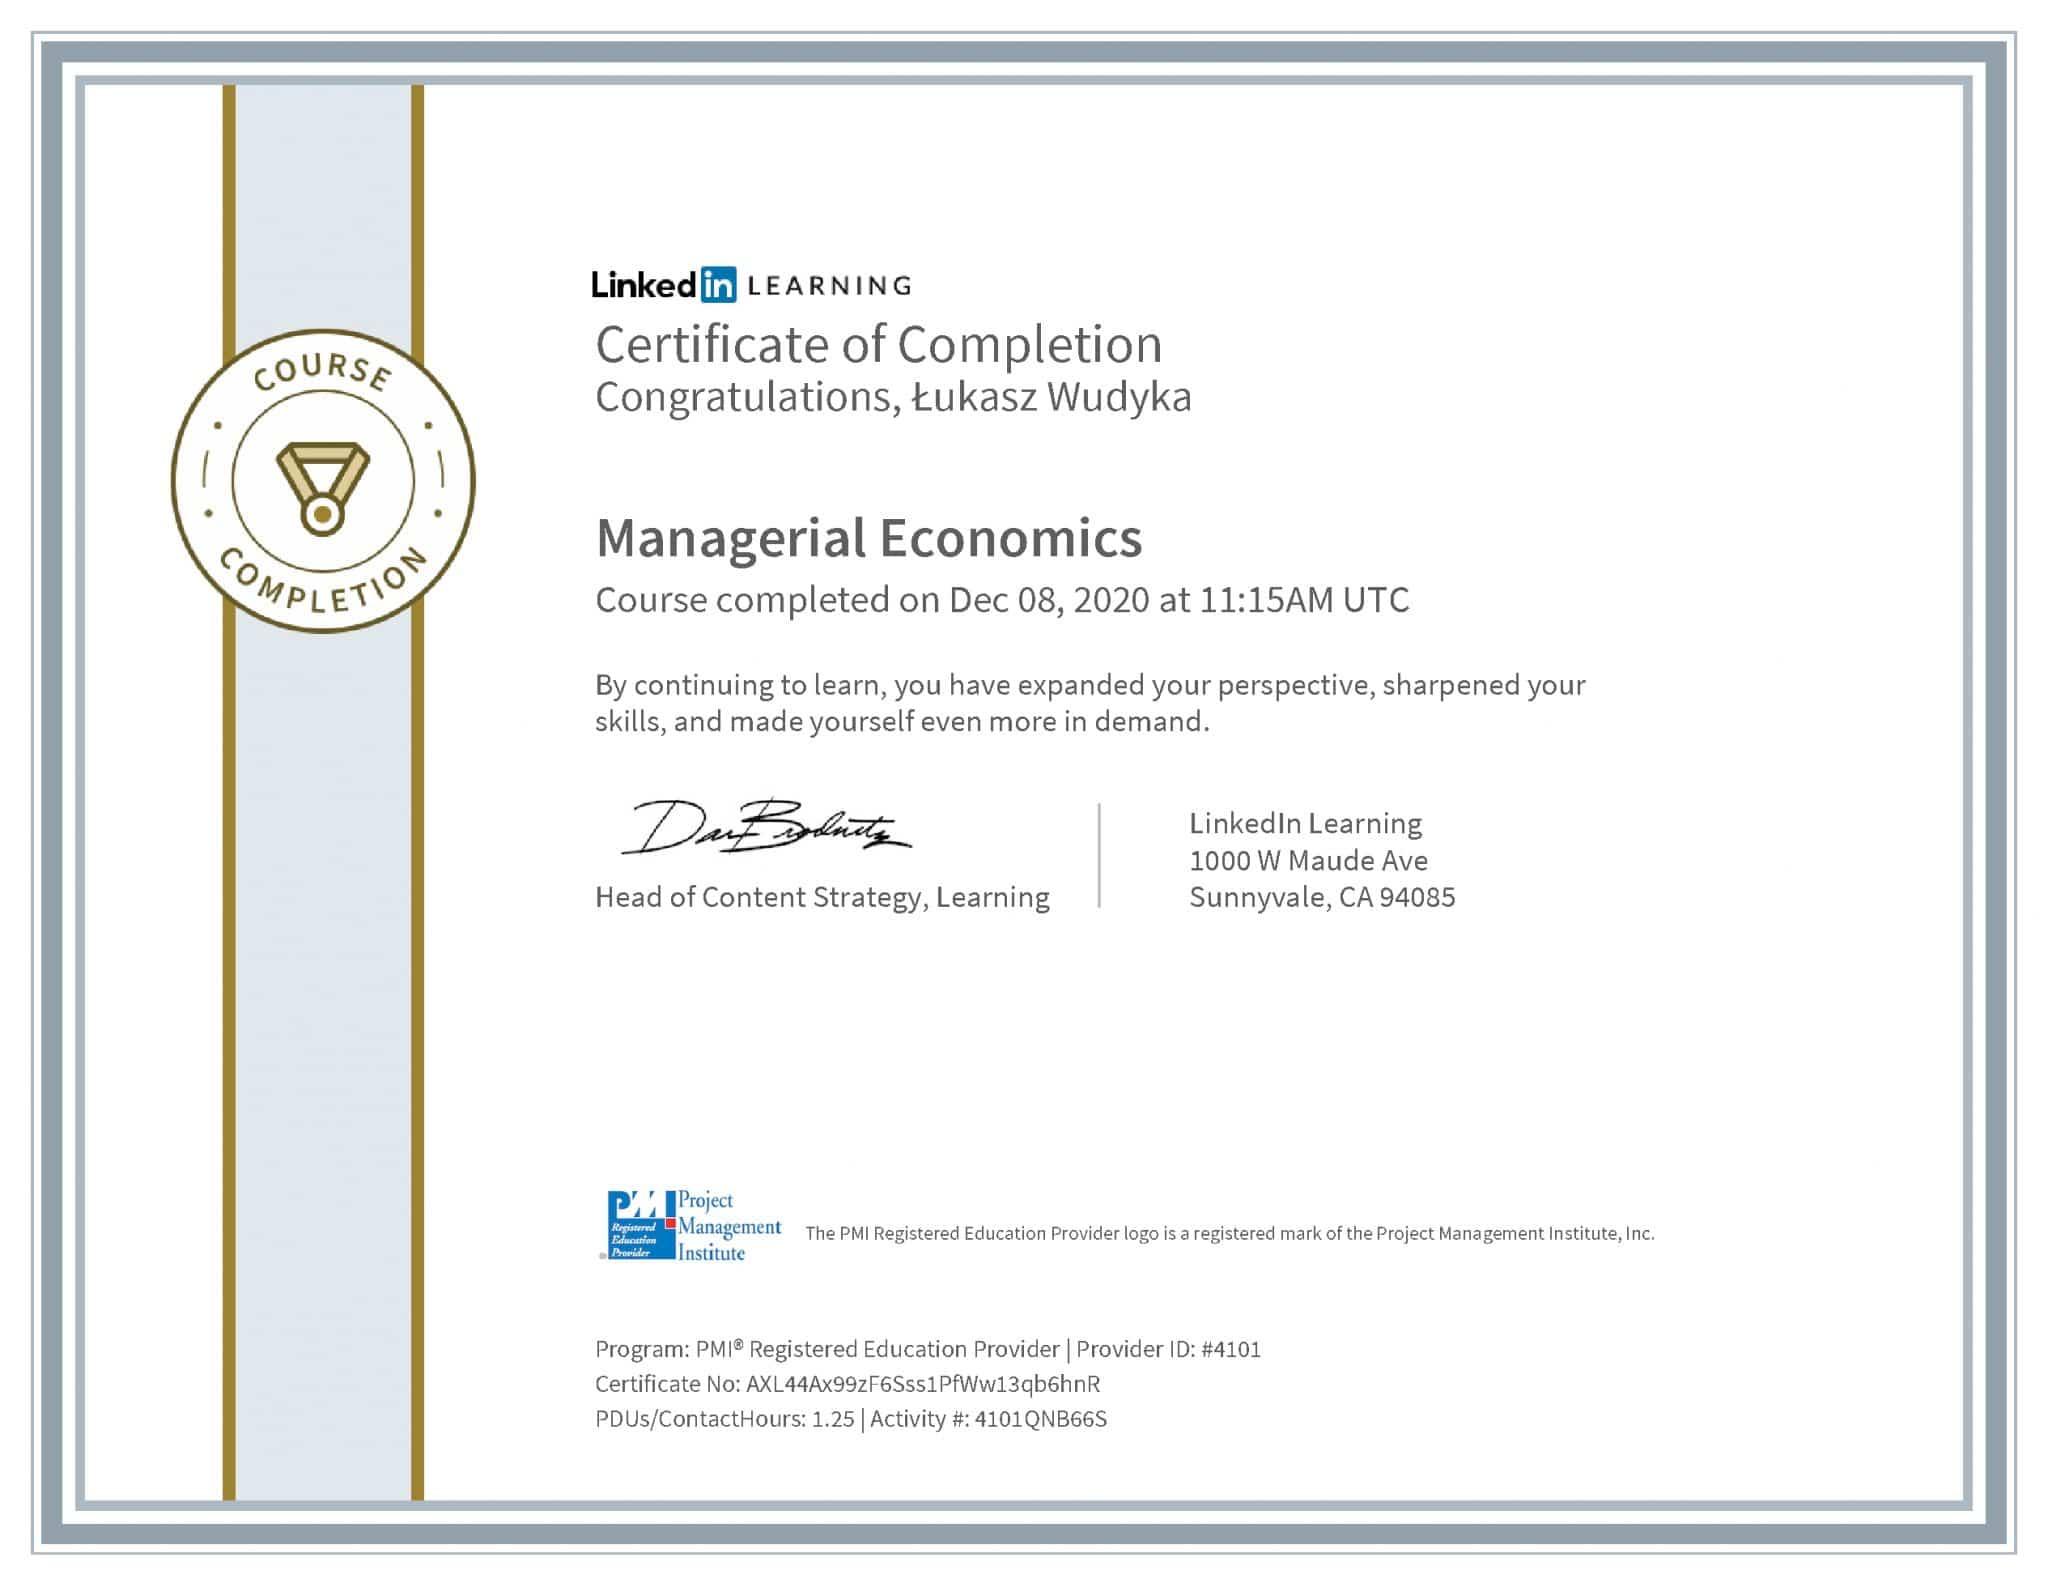 Łukasz Wudyka certyfikat LinkedIn Managerial Economics PMI